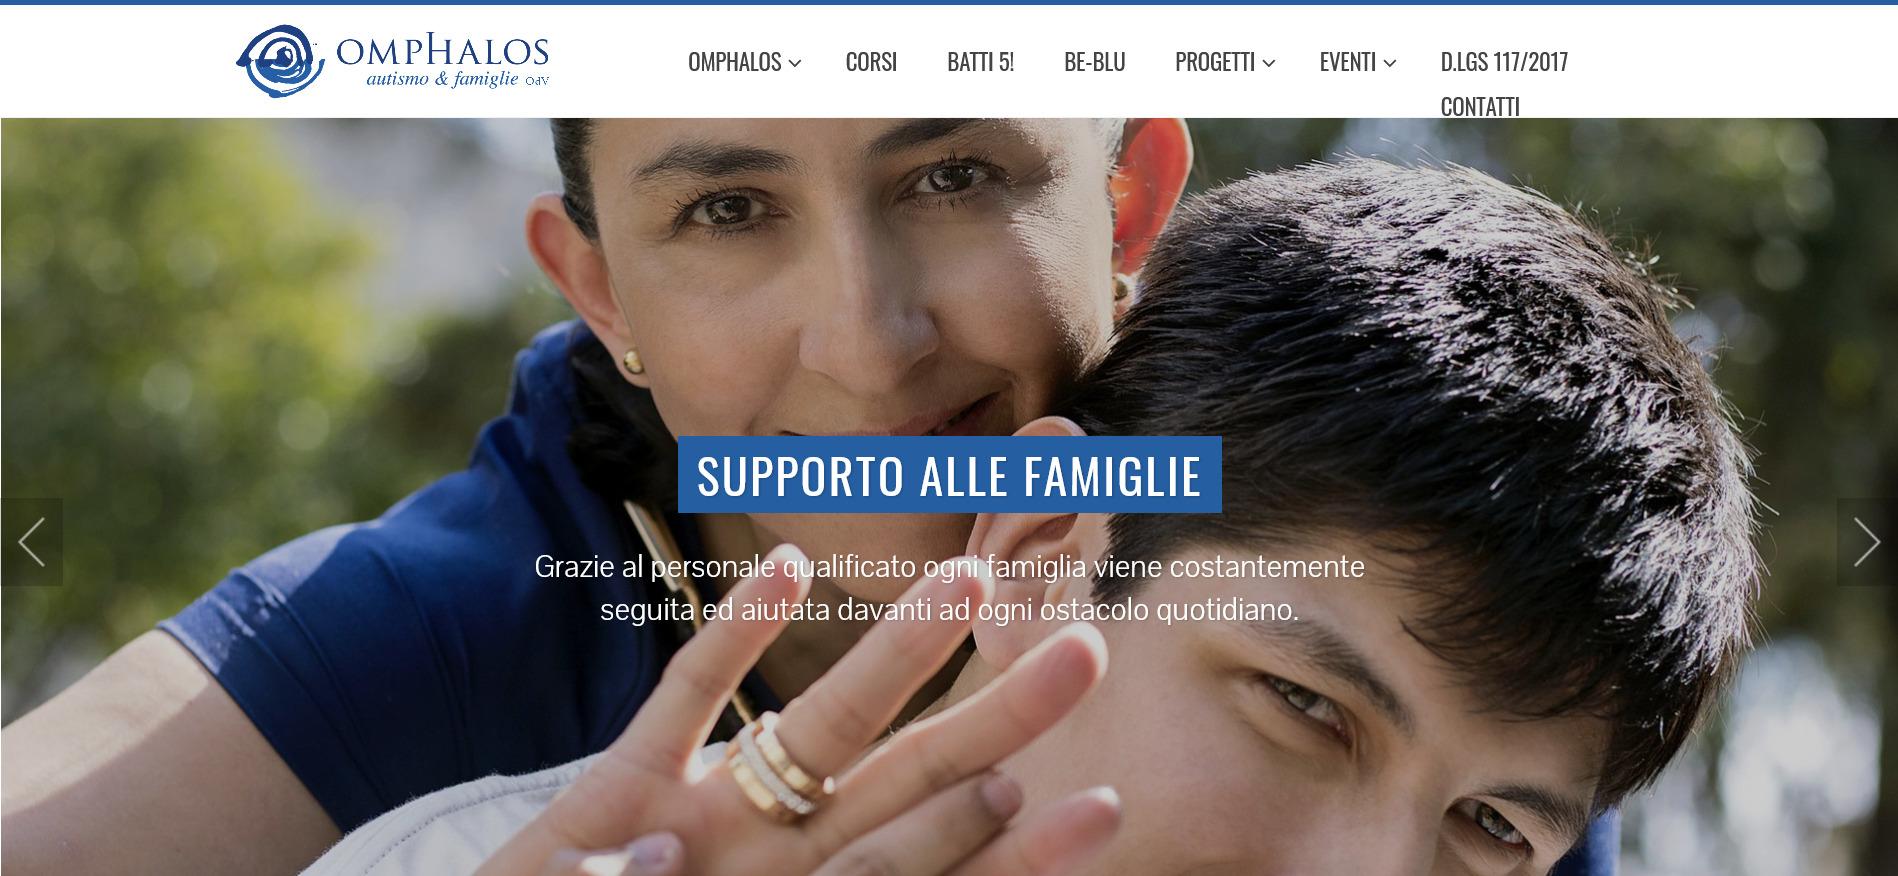 Sito Associazione Omphalos - Fabio Gasparrini siti web e grafica a San Benedetto del Tronto e Ascoli Piceno